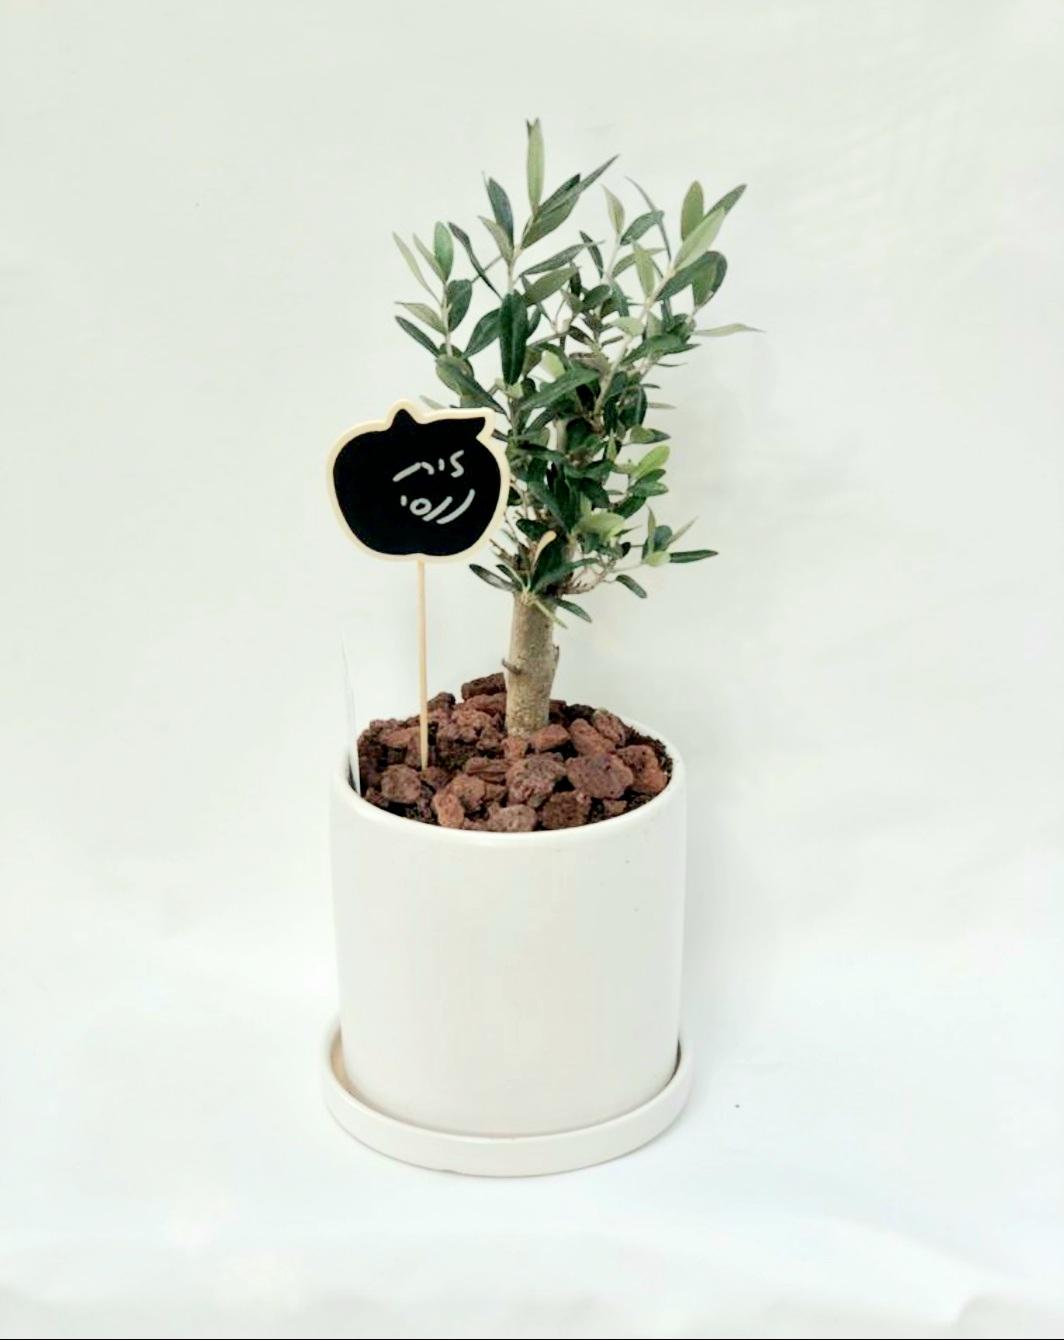 עץ זית ננסי בכלי מקרמירה